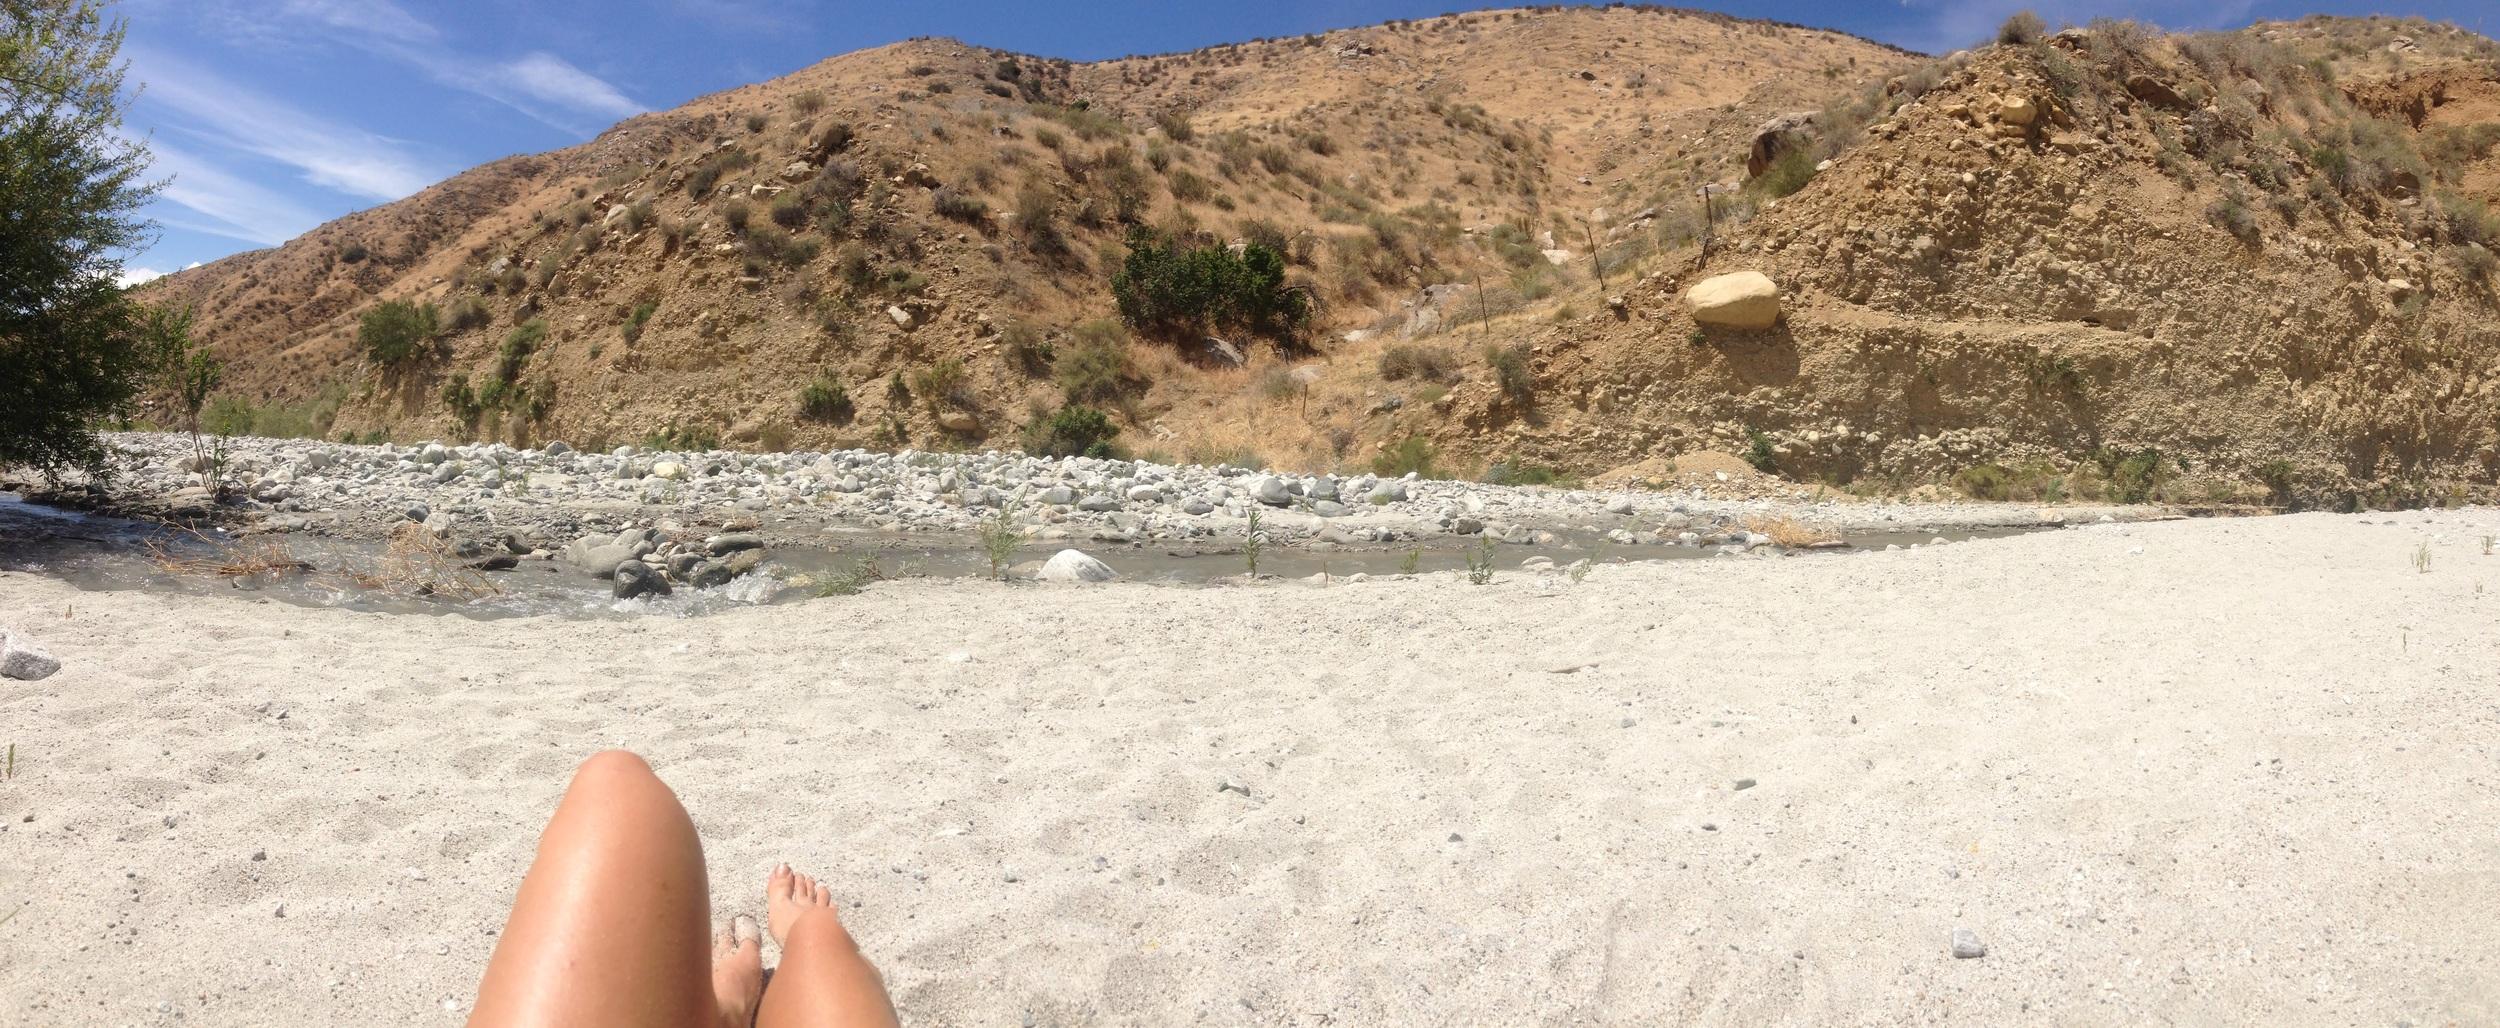 Zero. White sand. Kind folks. Sun soaked.